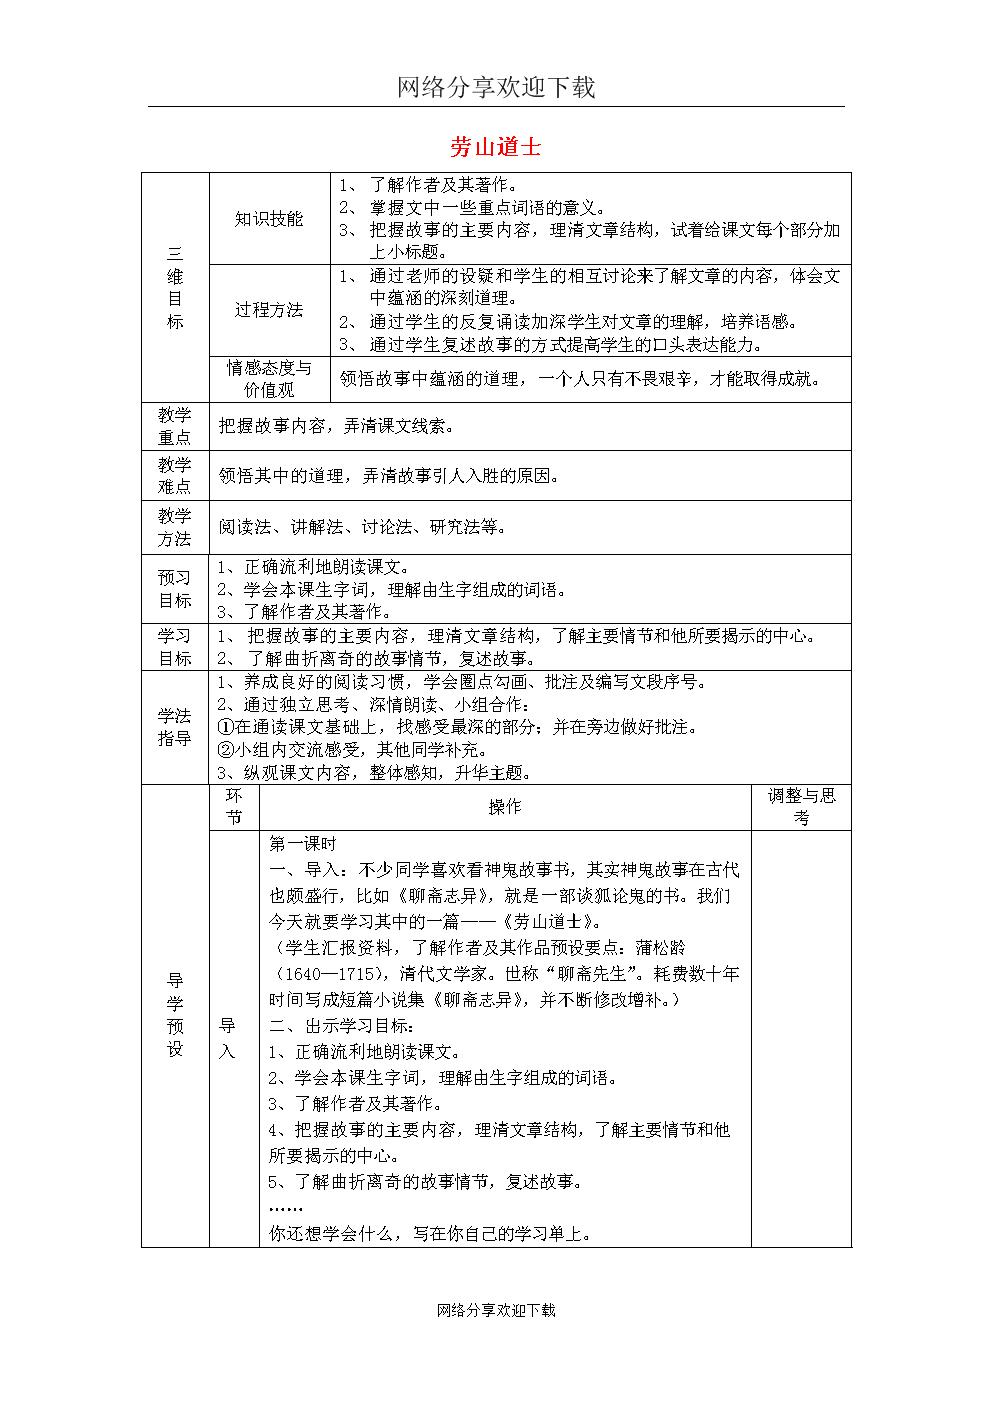 上海五四制语文九年级上册《24劳山道士》教案 (2).doc